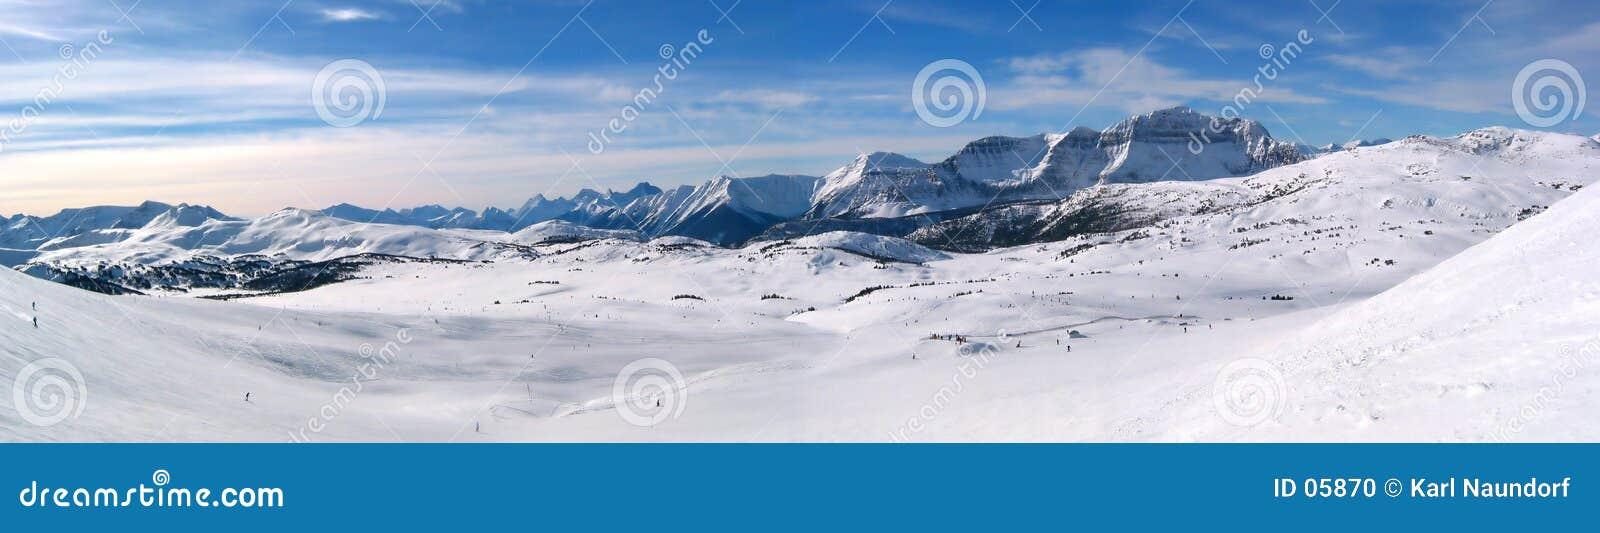 гора панорамная